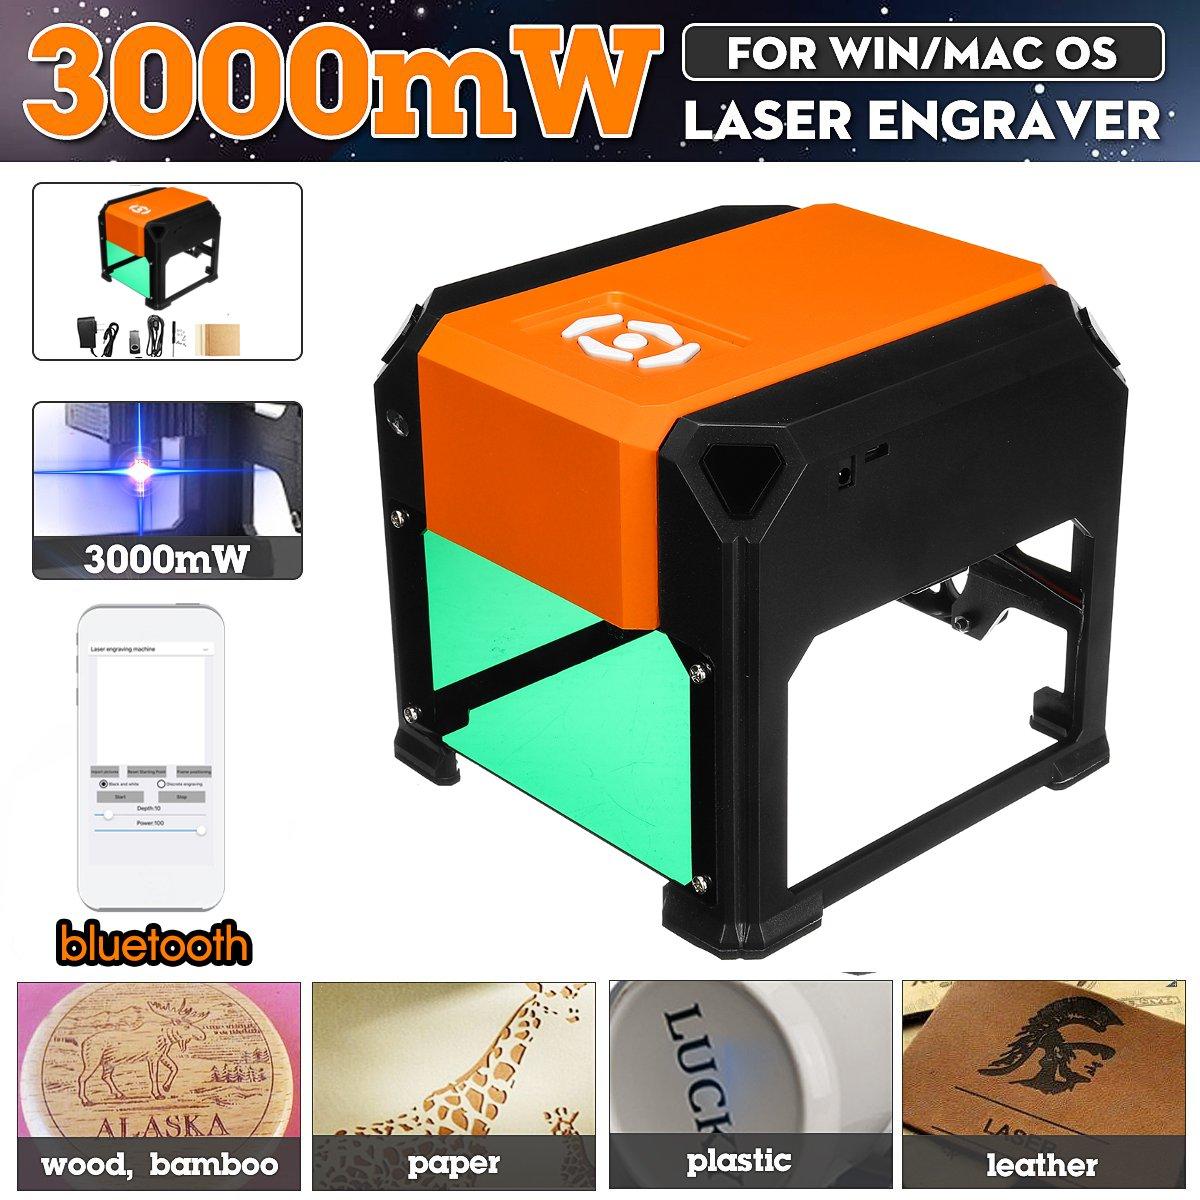 3000mW bluetooth Desktop CNC Laser Gravur Maschine USB Logo Kennzeichnung Engraver Drucker DIY Carving Cutter für IOS/Android